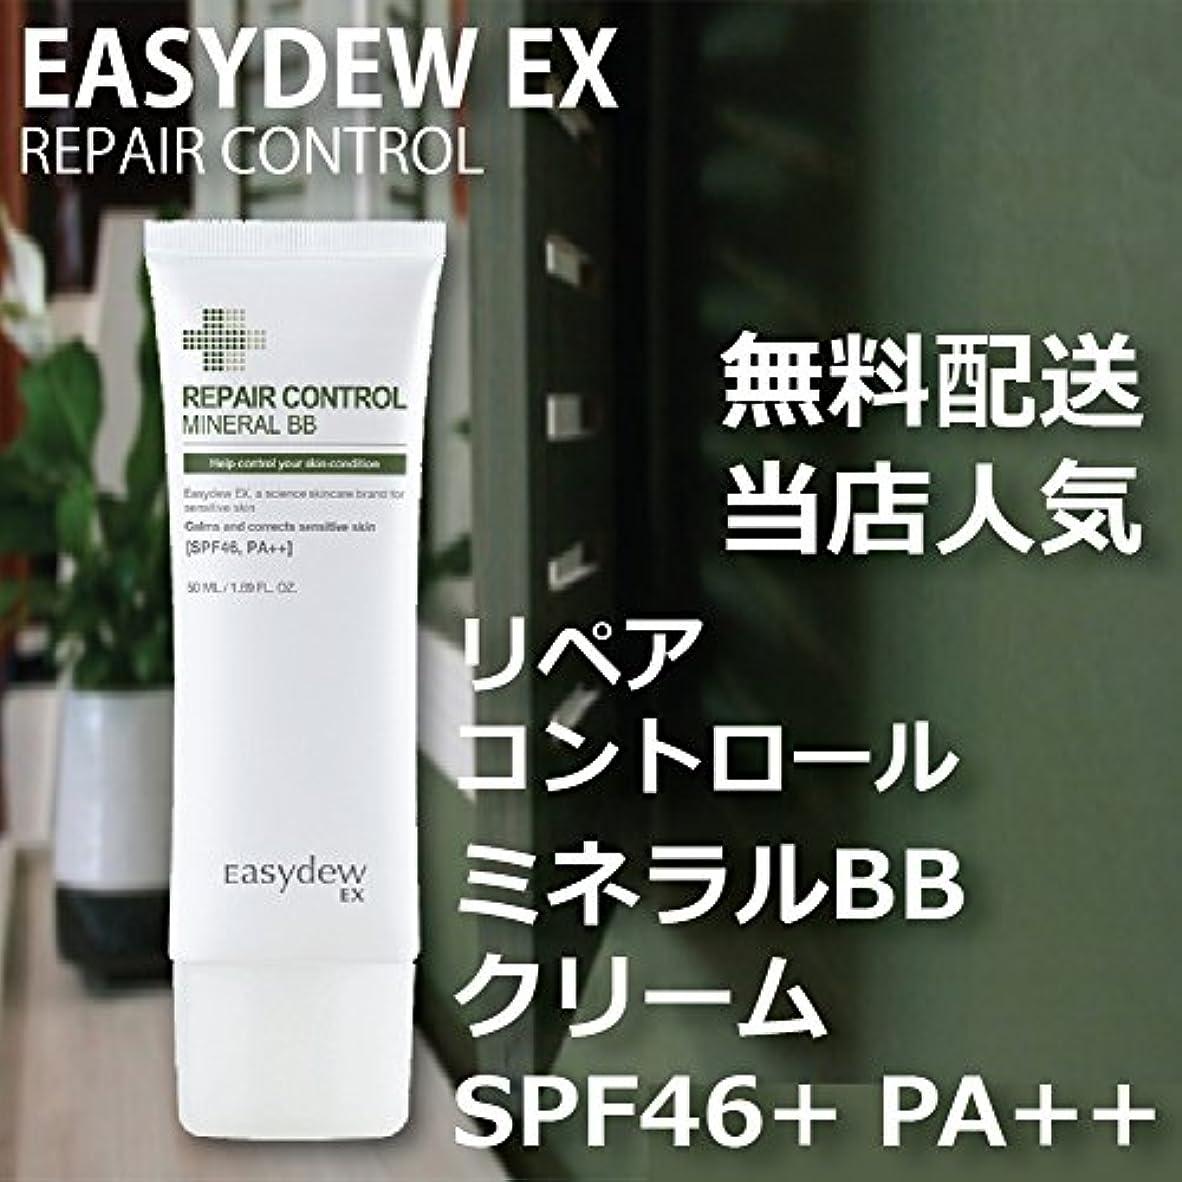 パラダイス布一部EASY DEW EX ミネラル BBクリーム SPF46+ PA++ 50ml MINRAL BB CREAM 韓国 人気 コスメ イージーデュー 敏感 乾燥 美白 しわ 3重機能性